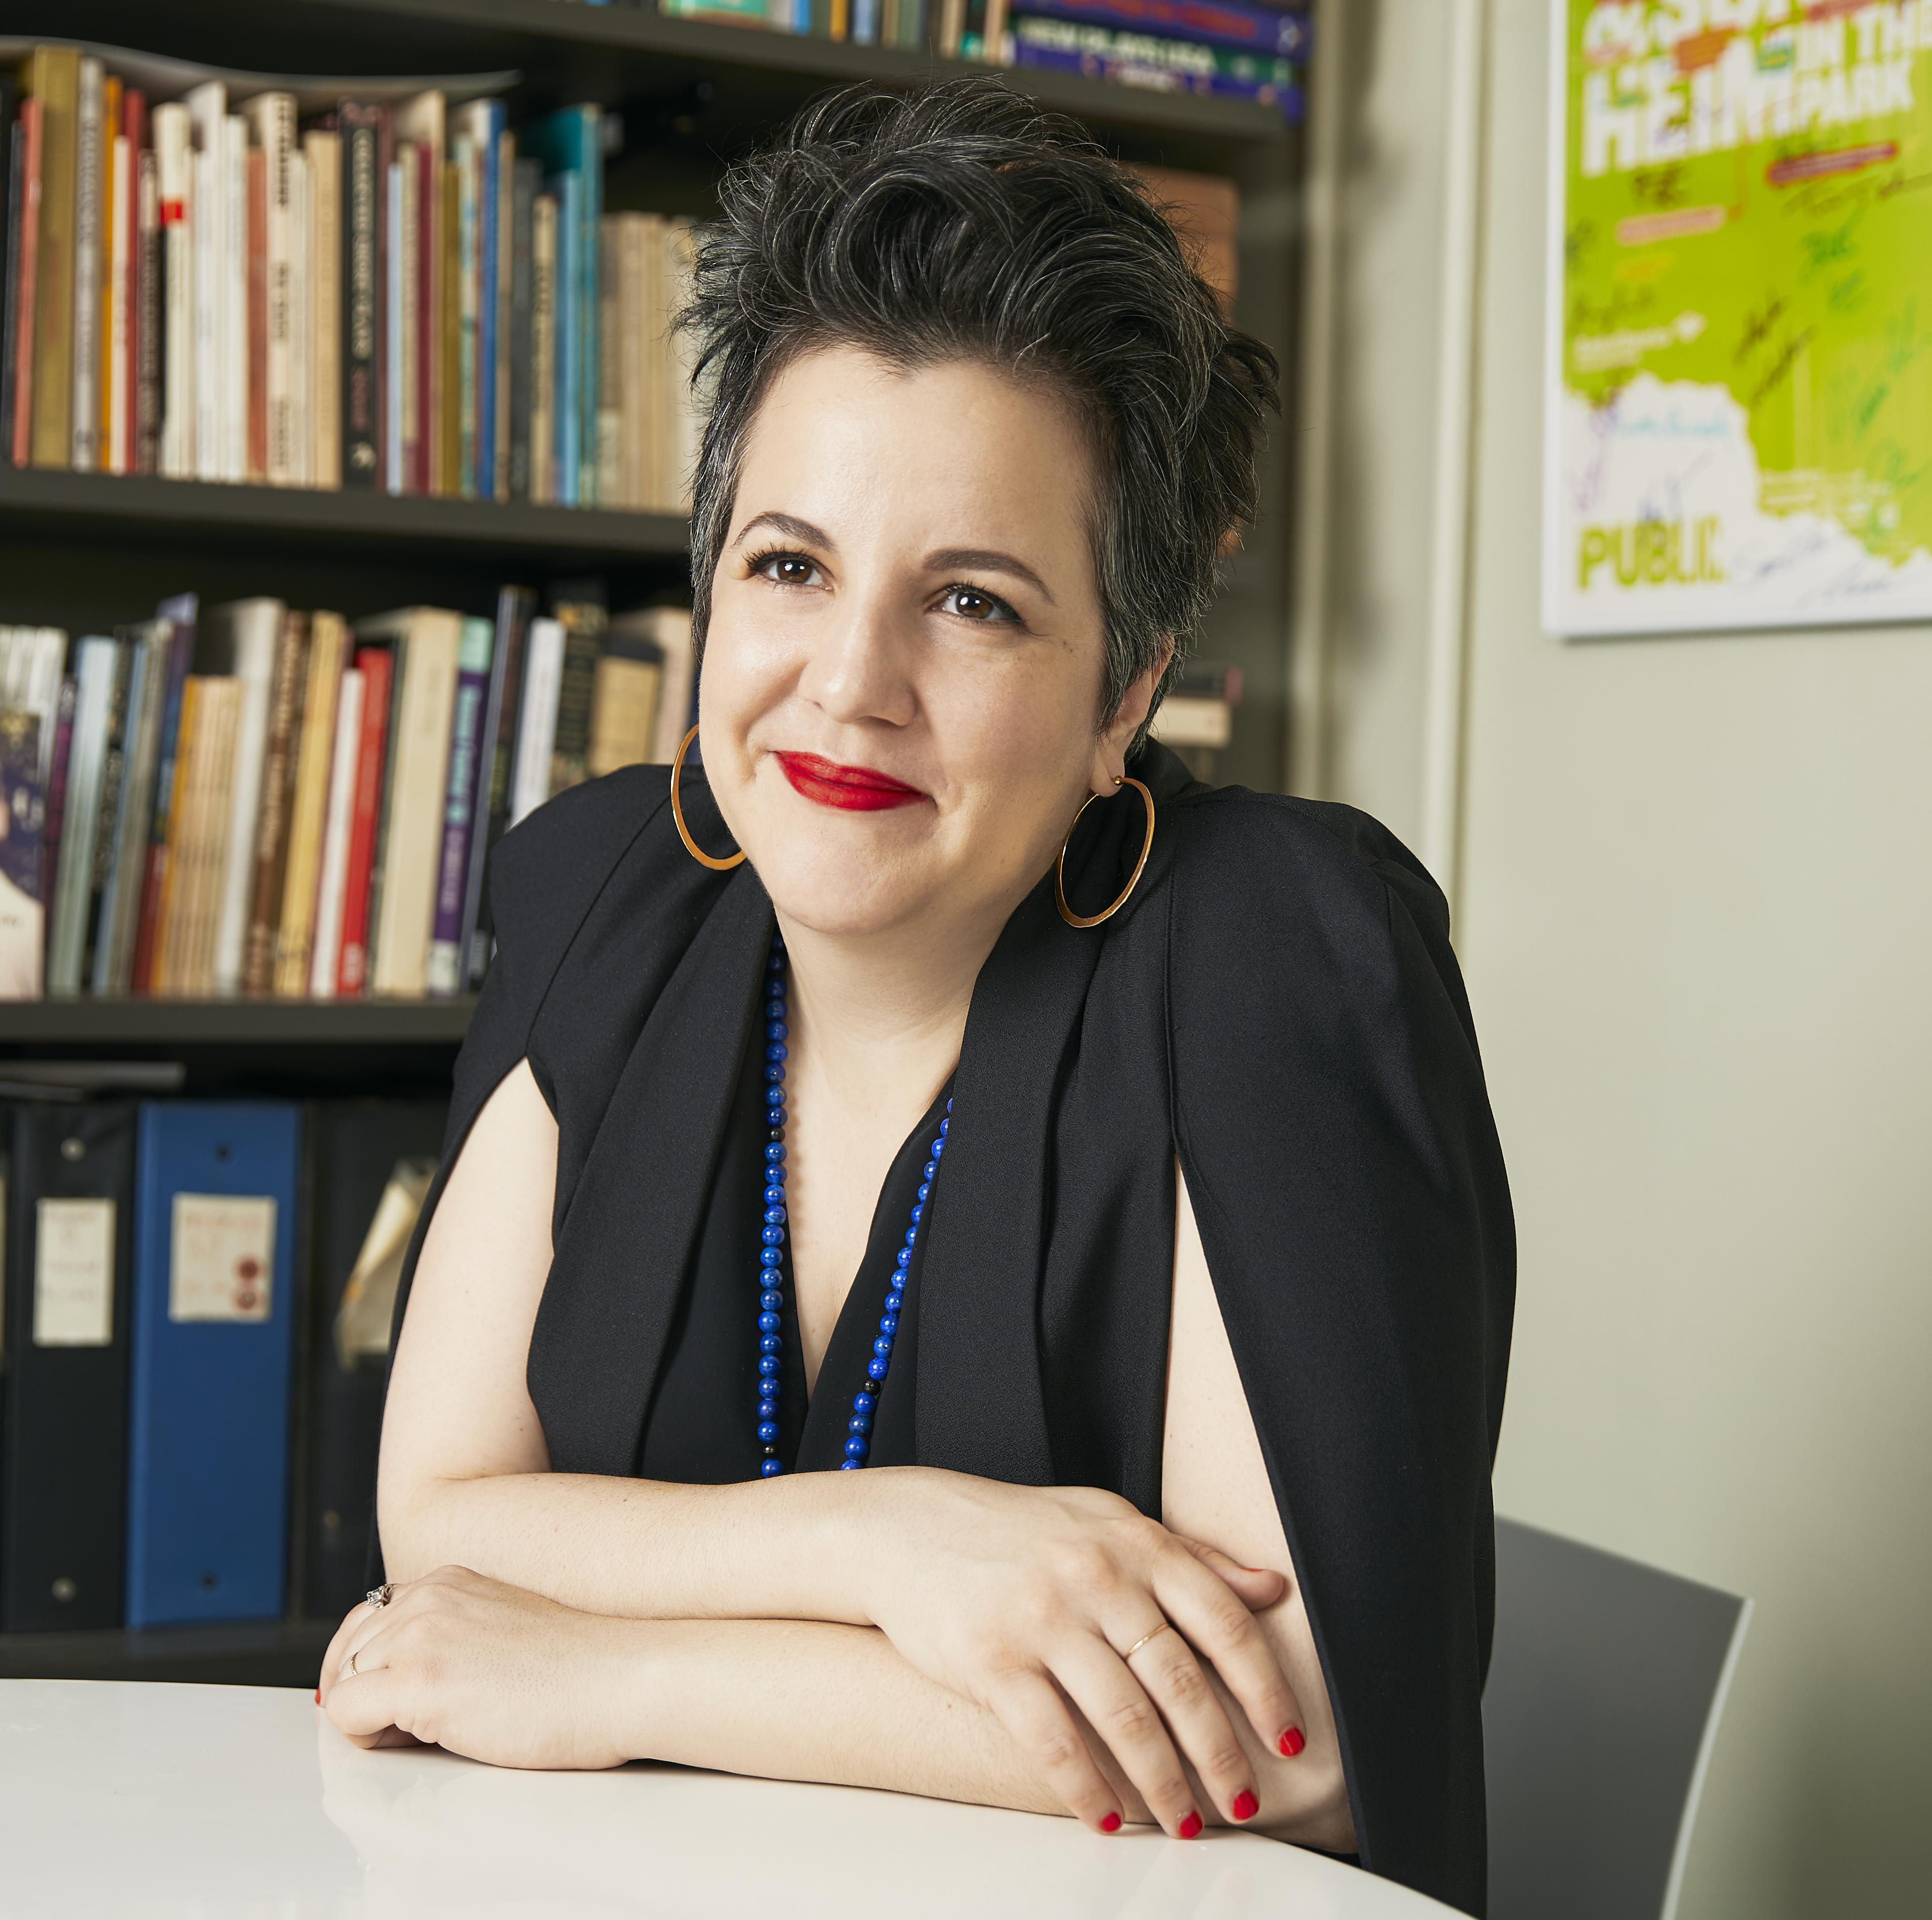 瑪麗亞・曼努艾拉・哥雅內斯 Maria Manuela GOYANES|美國絨毛猛獁象劇團藝術總監